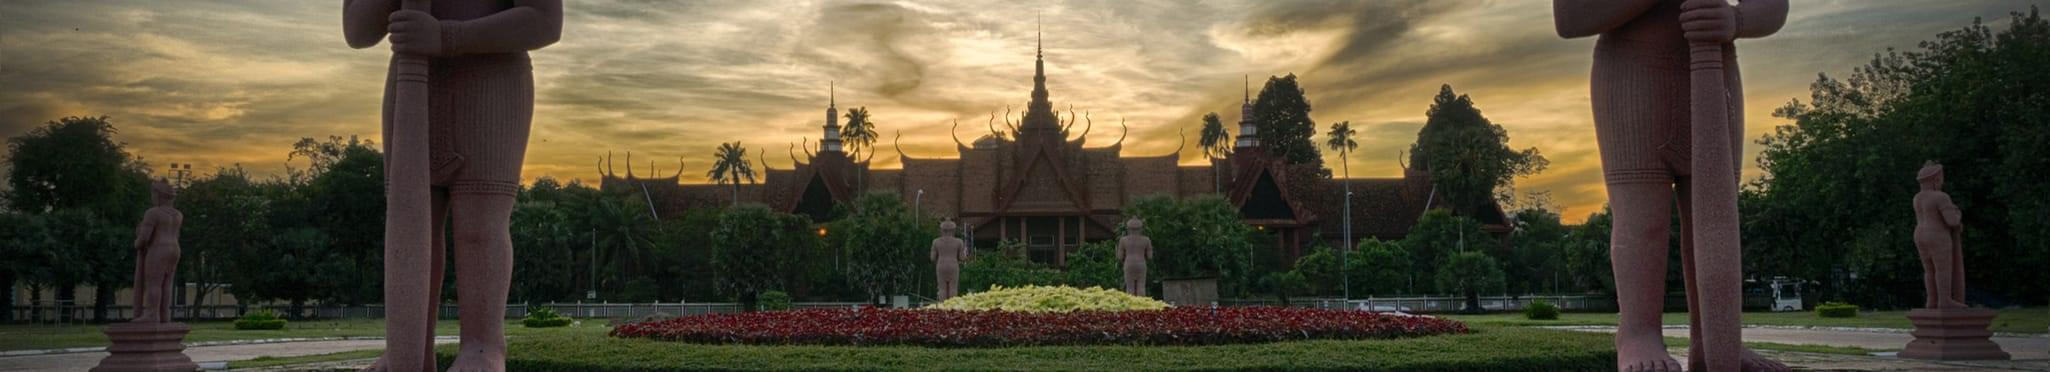 Город на слиянии четырёх рек:<br>Пномпень, Ангкор, Сием Реап